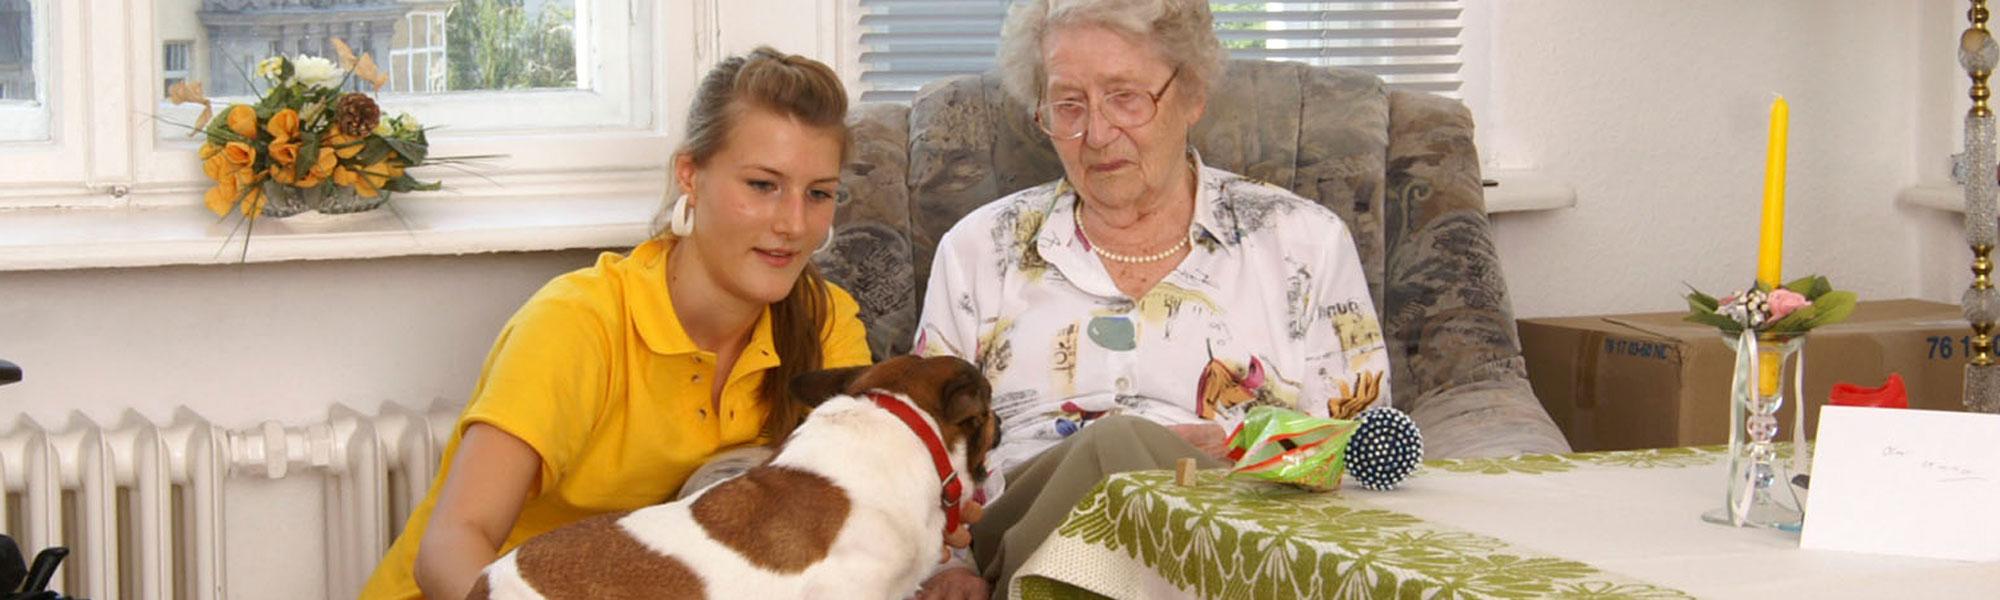 Pflegedienst Drei Töchter Startseitenbanner 4